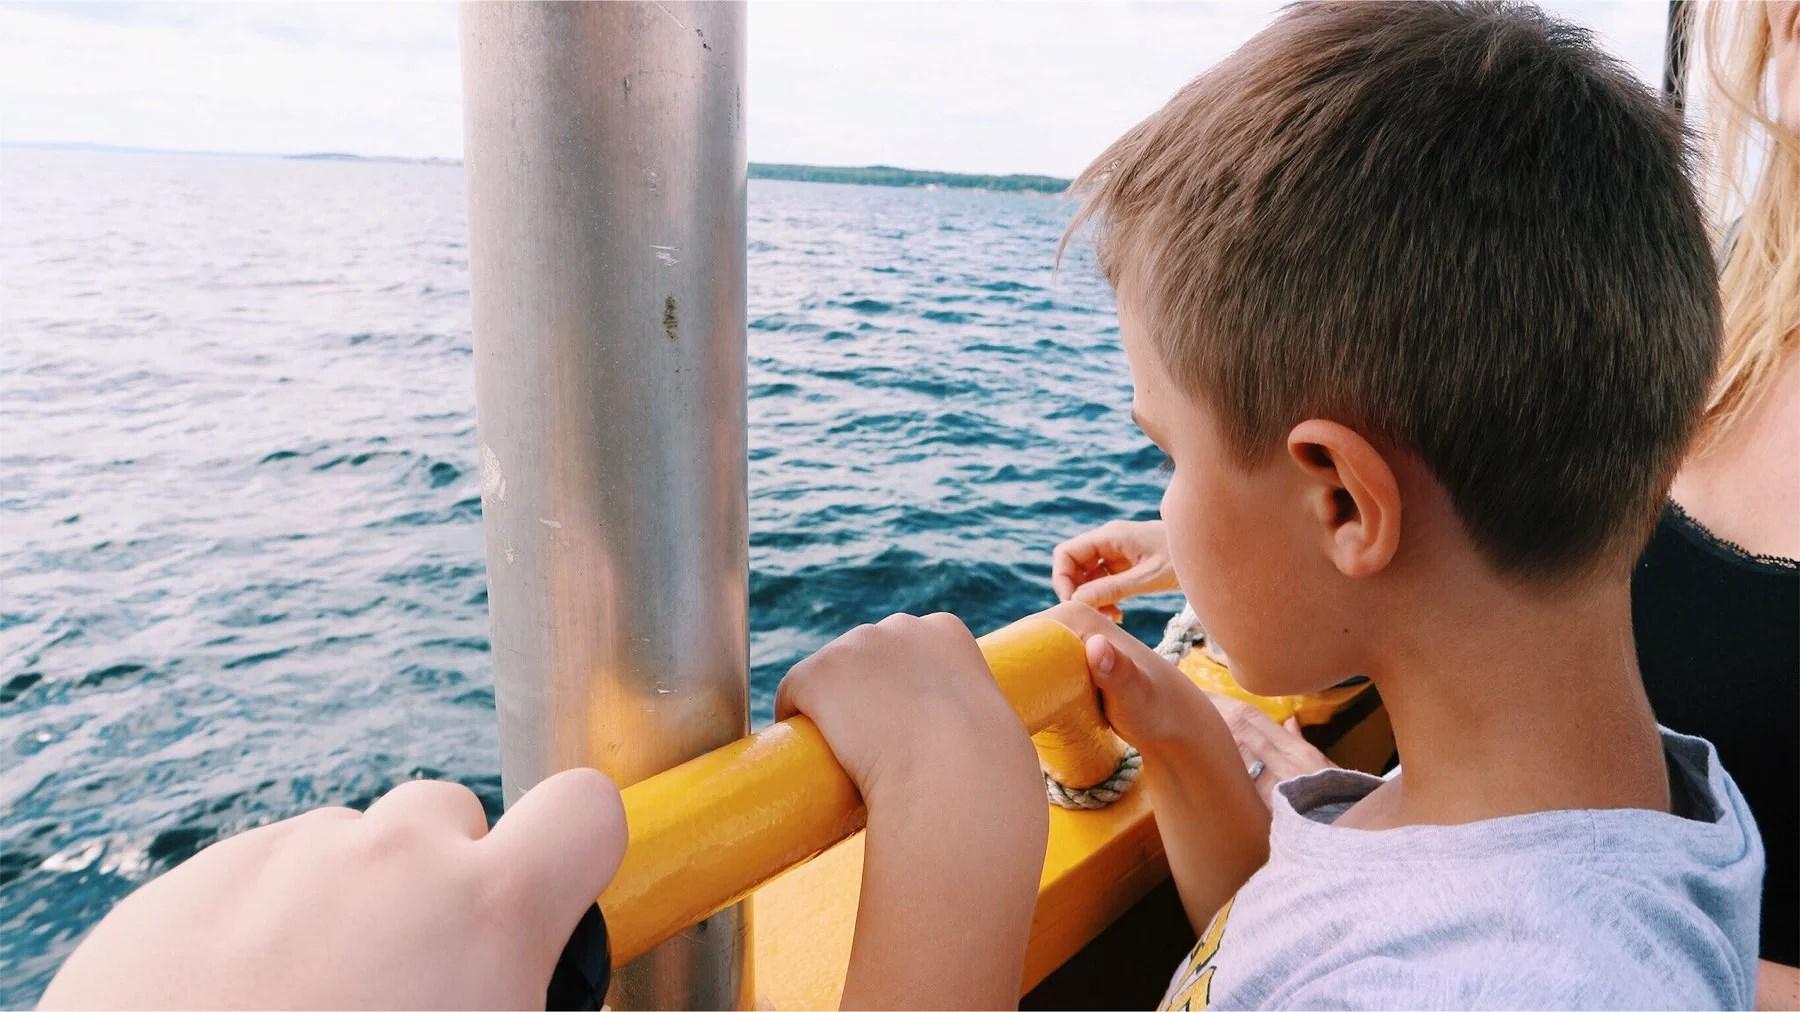 Visingsö